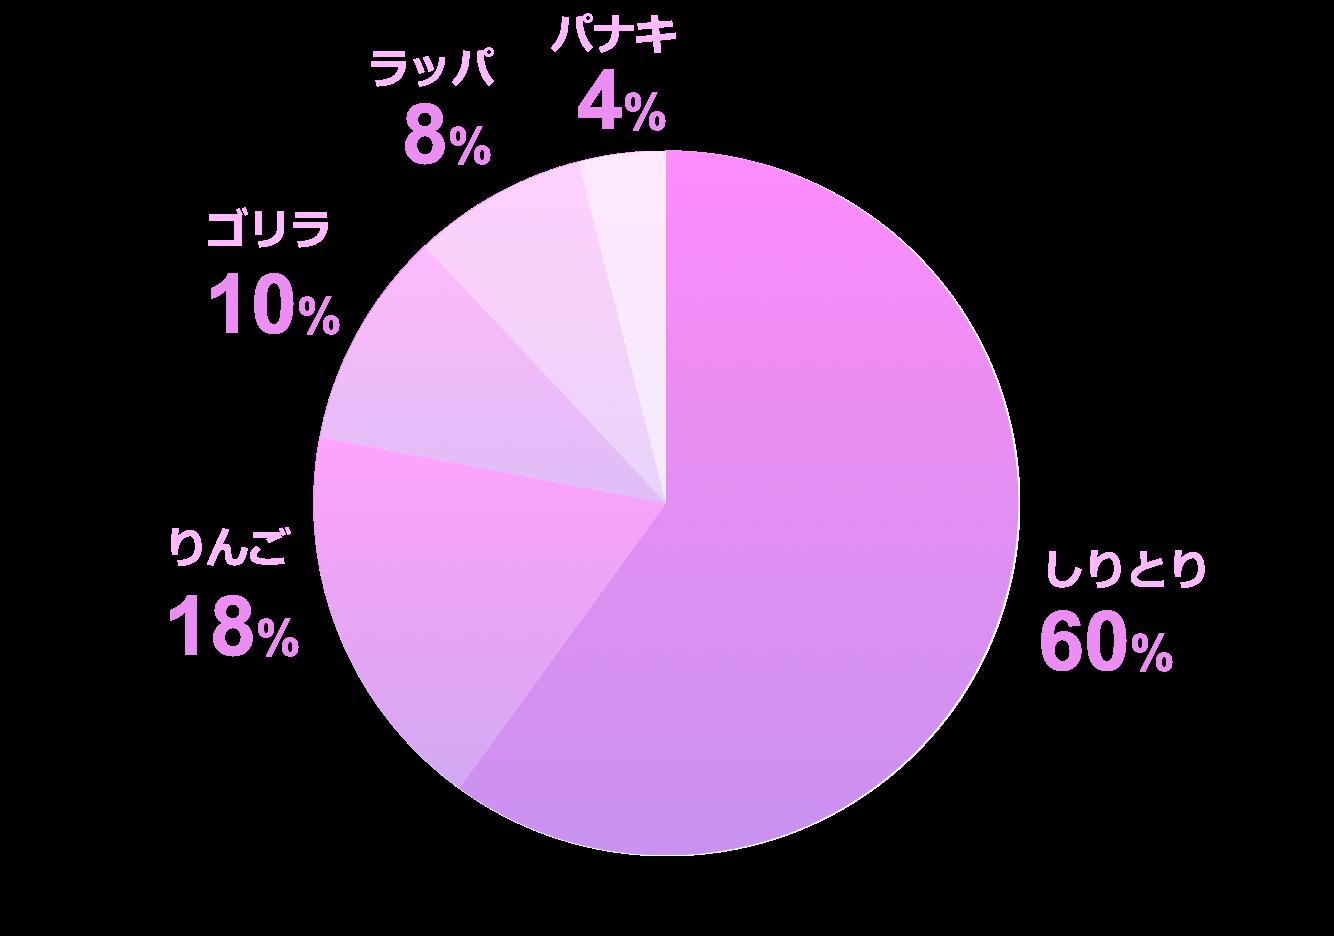 円グラフ紫サンプル